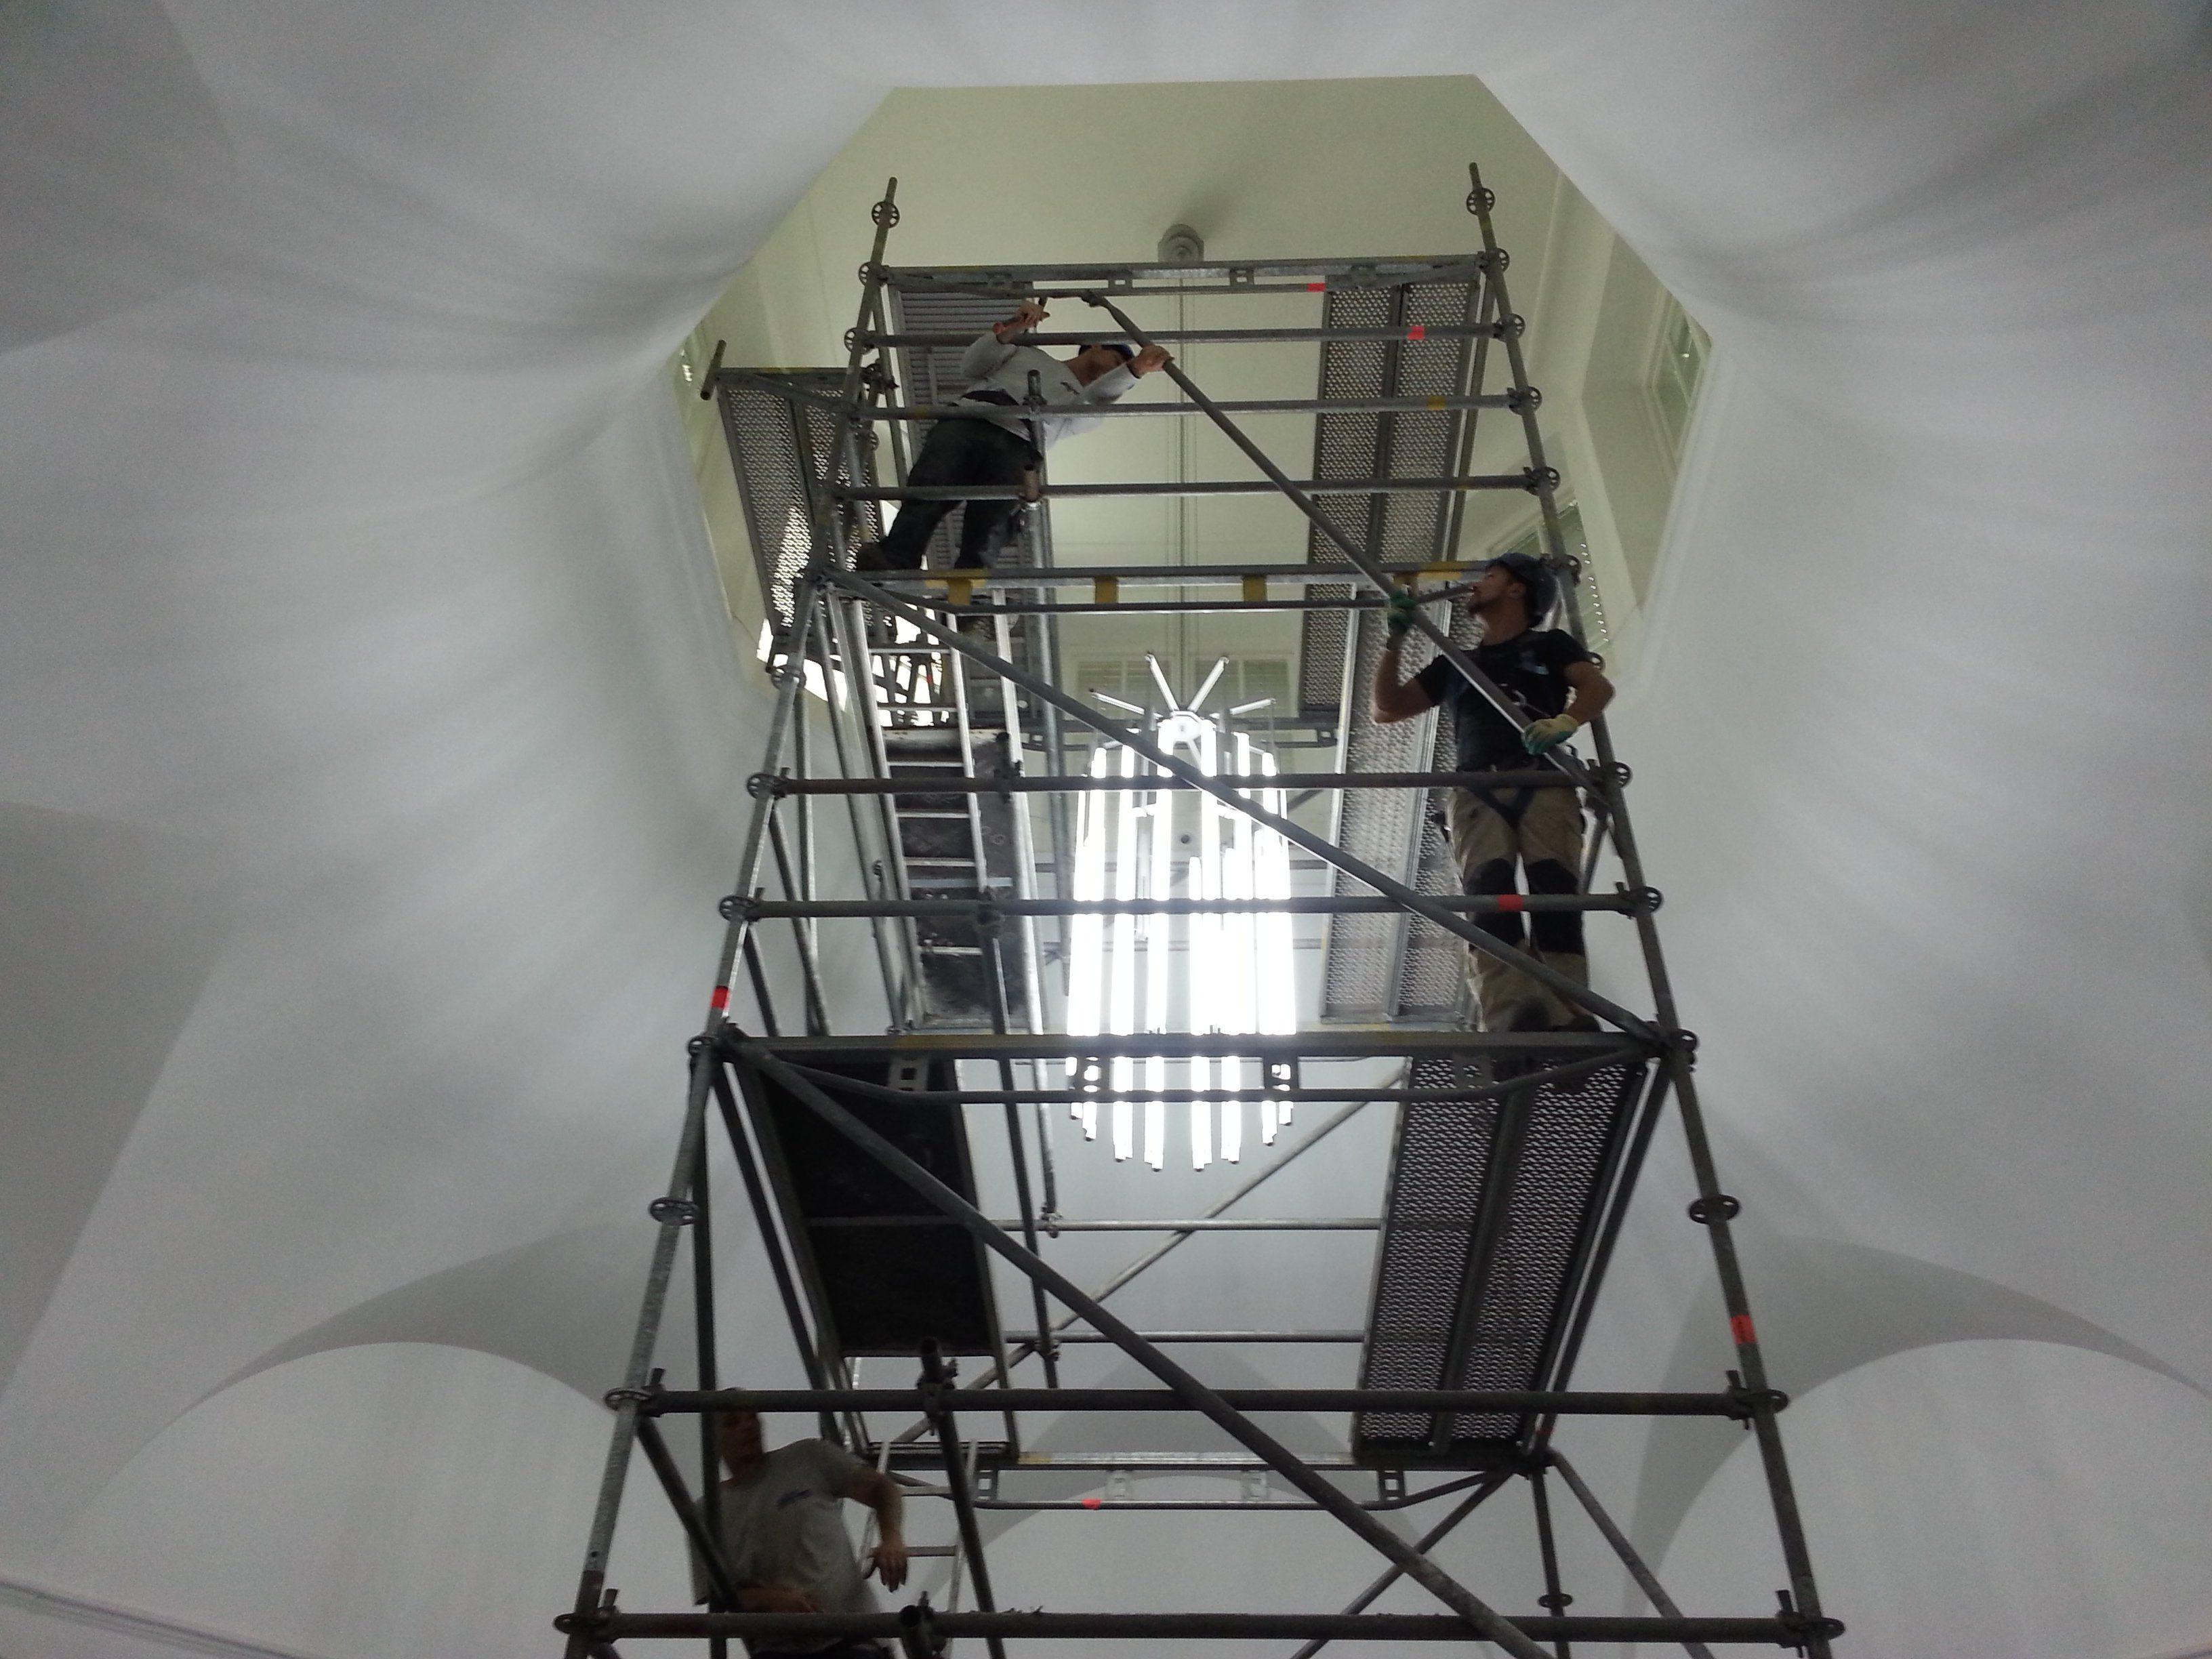 Landesmuseum Wiesbaden, Sanierung der Oberlichtgaden